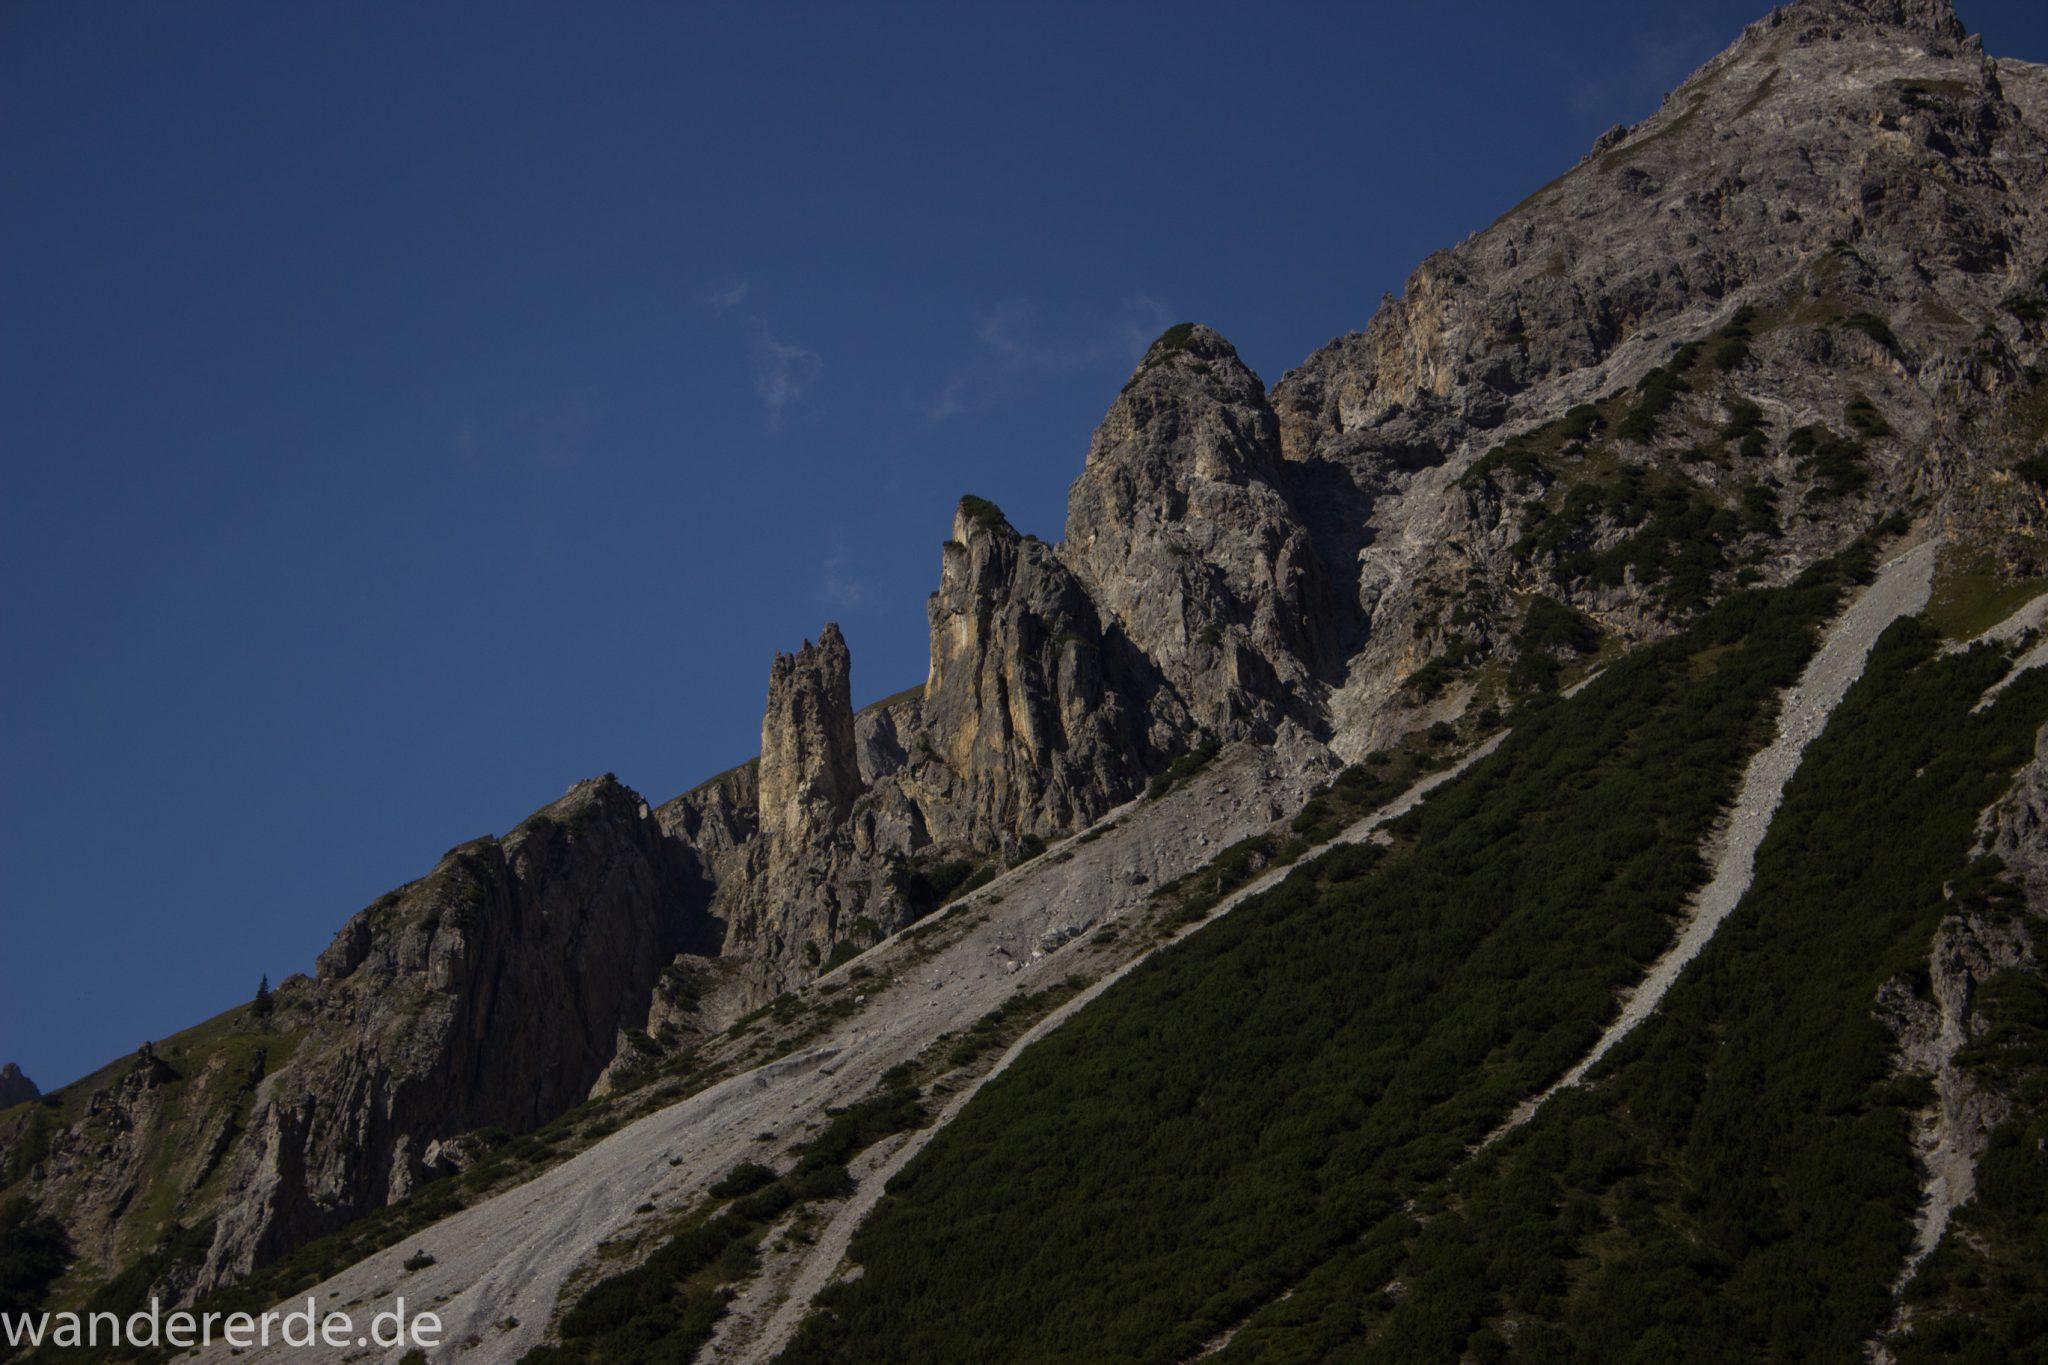 Alpenüberquerung Fernwanderweg E5 Oberstdorf Meran, 3. Etappe von Memminger Hütte zur Skihütte Zams, nach Erreichen der Seescharte folgt ein sehr langer Abstieg auf schmalem Wanderpfad ins Lochbachtal Richtung Zams, Aussicht auf beeindruckende Berggipfel der Alpen, steile, grüne Berghänge